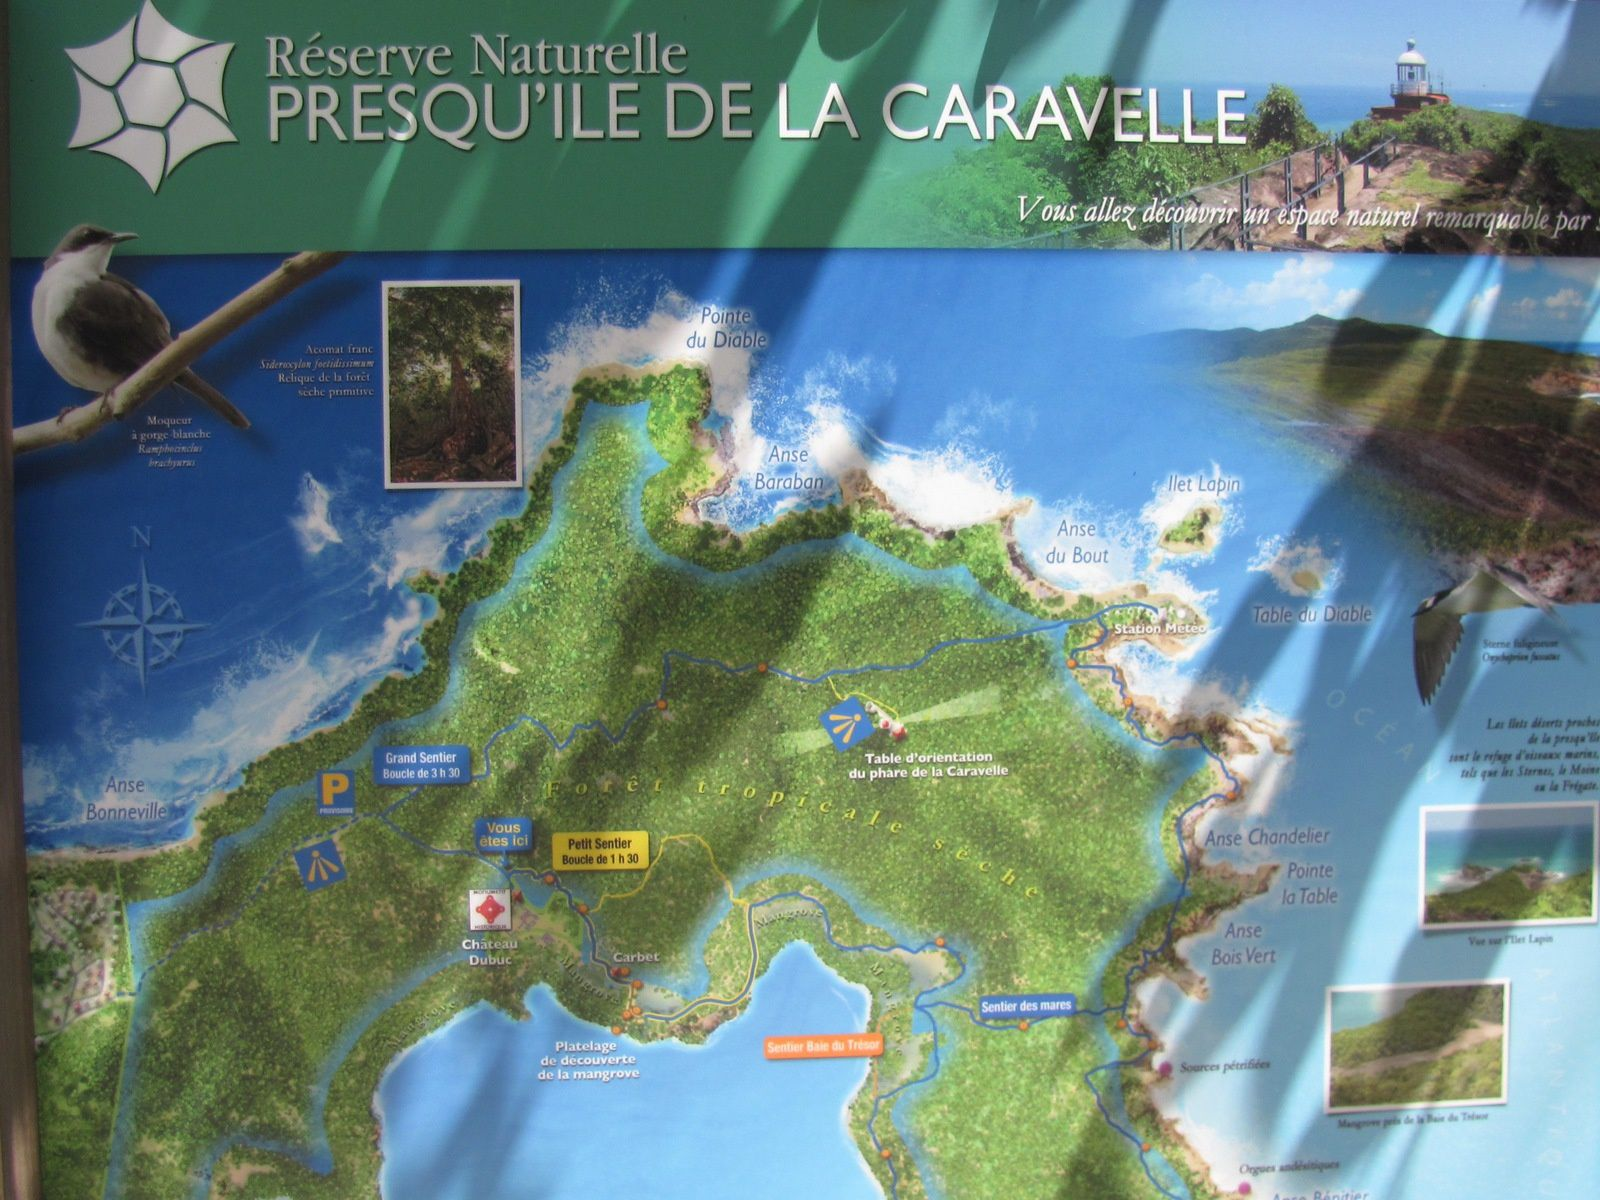 TARTANE ET LA PRESQU'ÎLE DE LA CARAVELLE // L'OR  BLANC DES CARAÏBES // LE ROBERT .